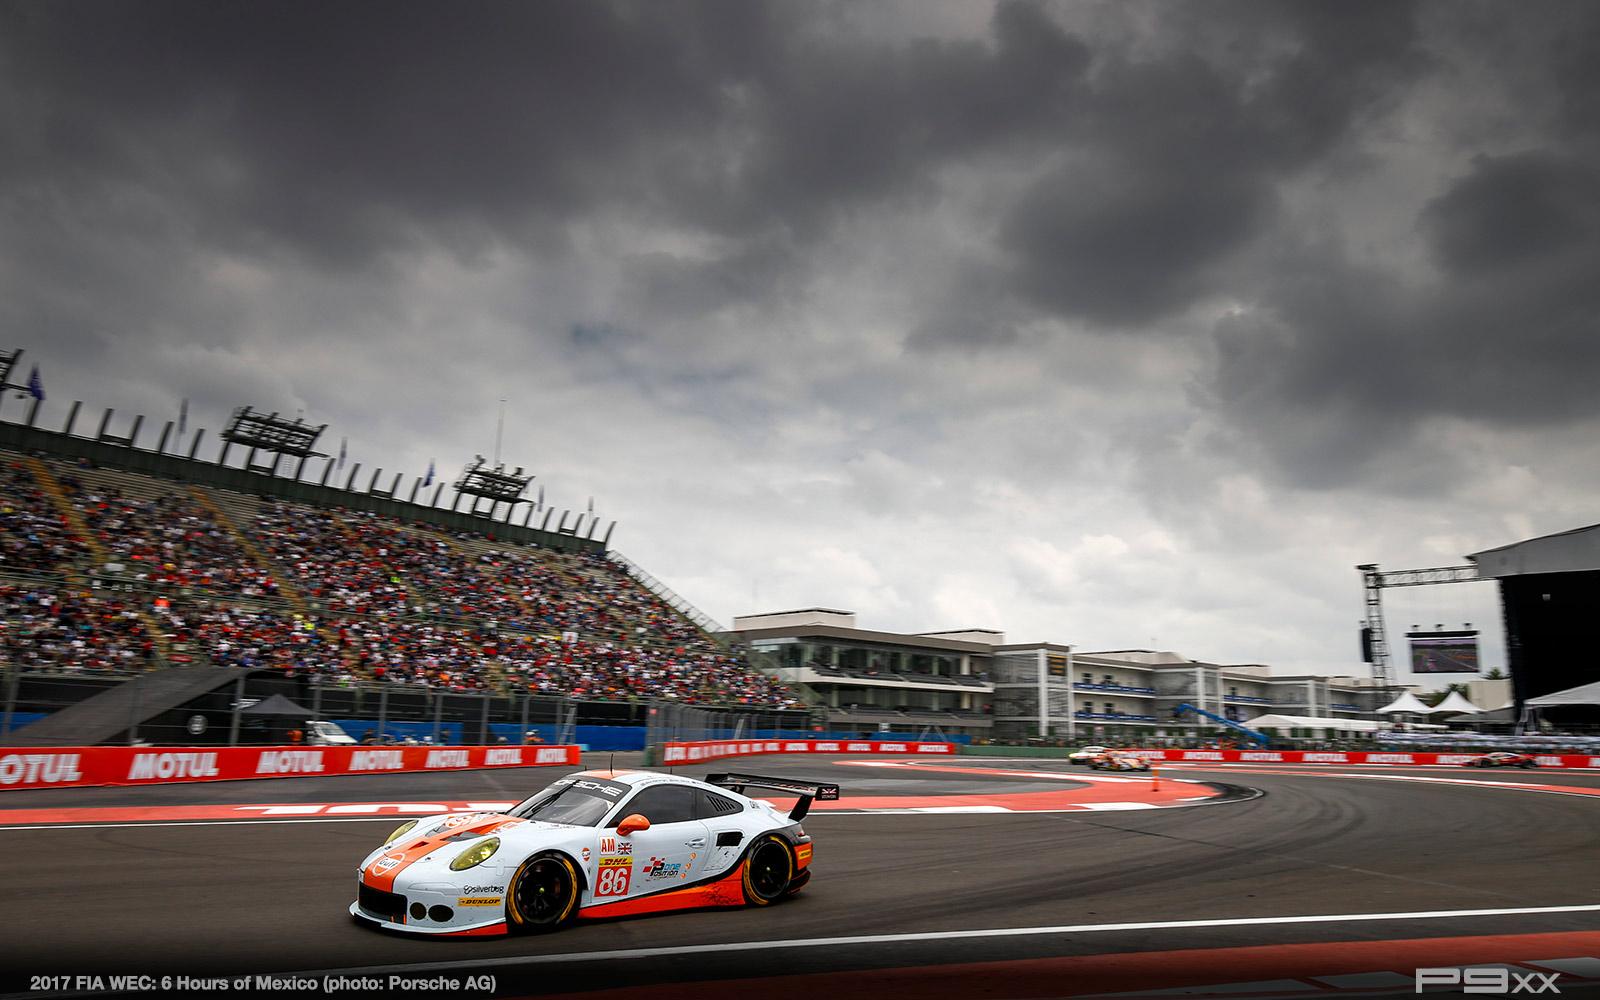 2017-FIA-WEC-6-HOURS-MEXICO-PORSCHE-1363